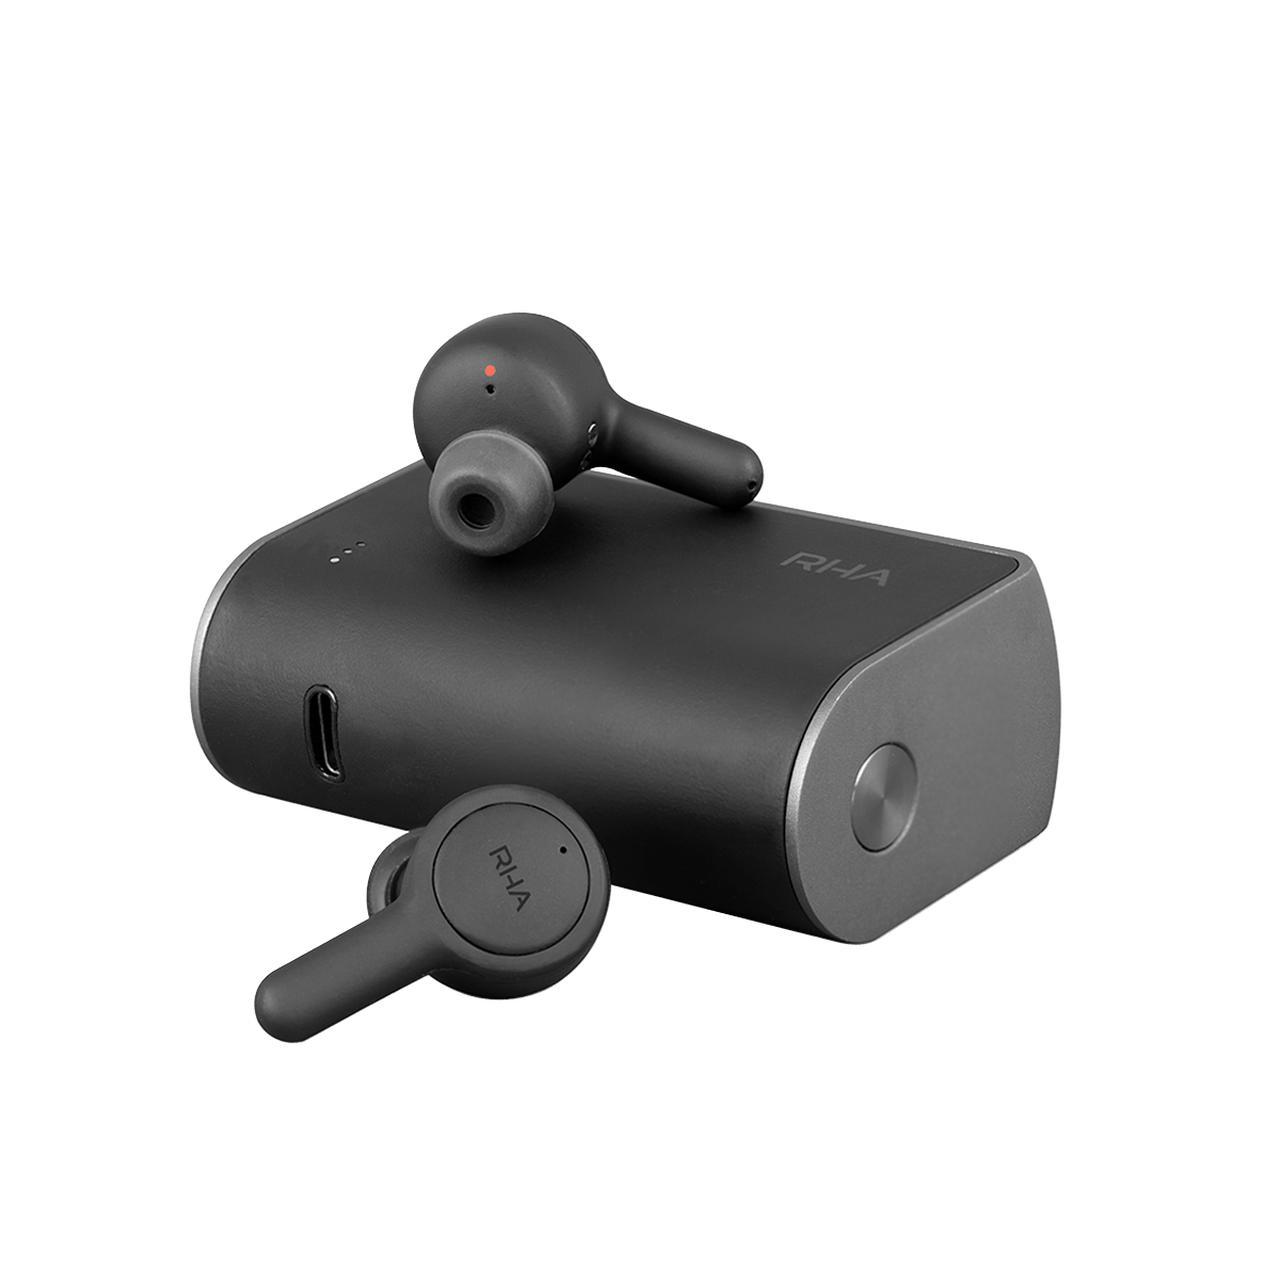 画像: TrueConnect   完全ワイヤレスイヤホン - Bluetoothバージョン5   RHA